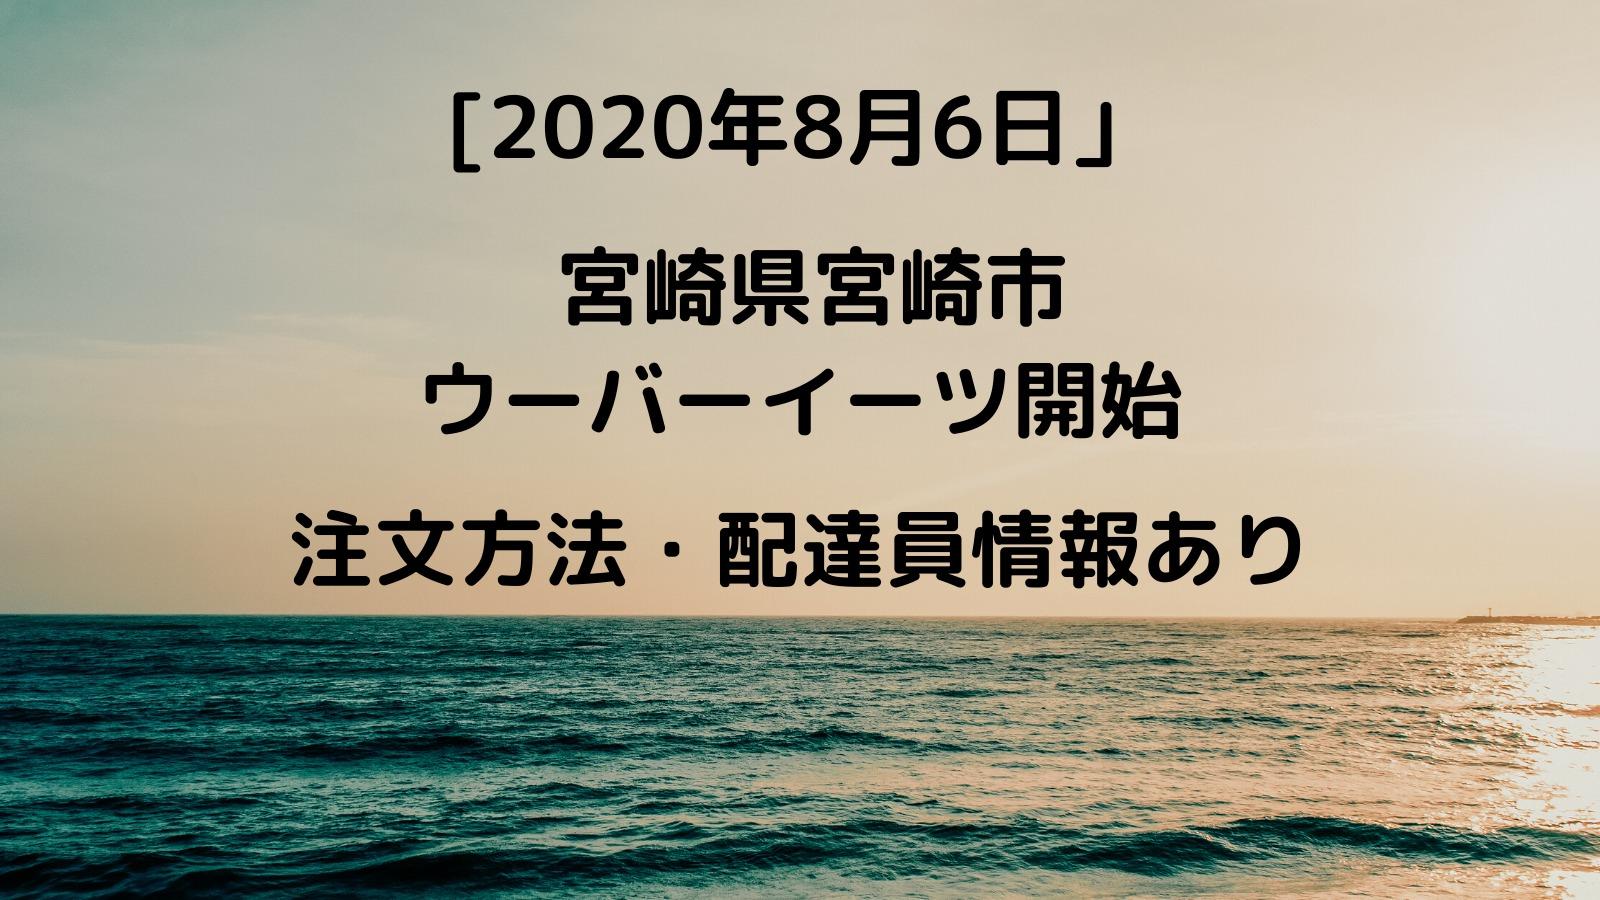 [2020年8月6日]宮崎県宮崎市でウーバーイーツが開始!注文方法や配達員情報を解説!